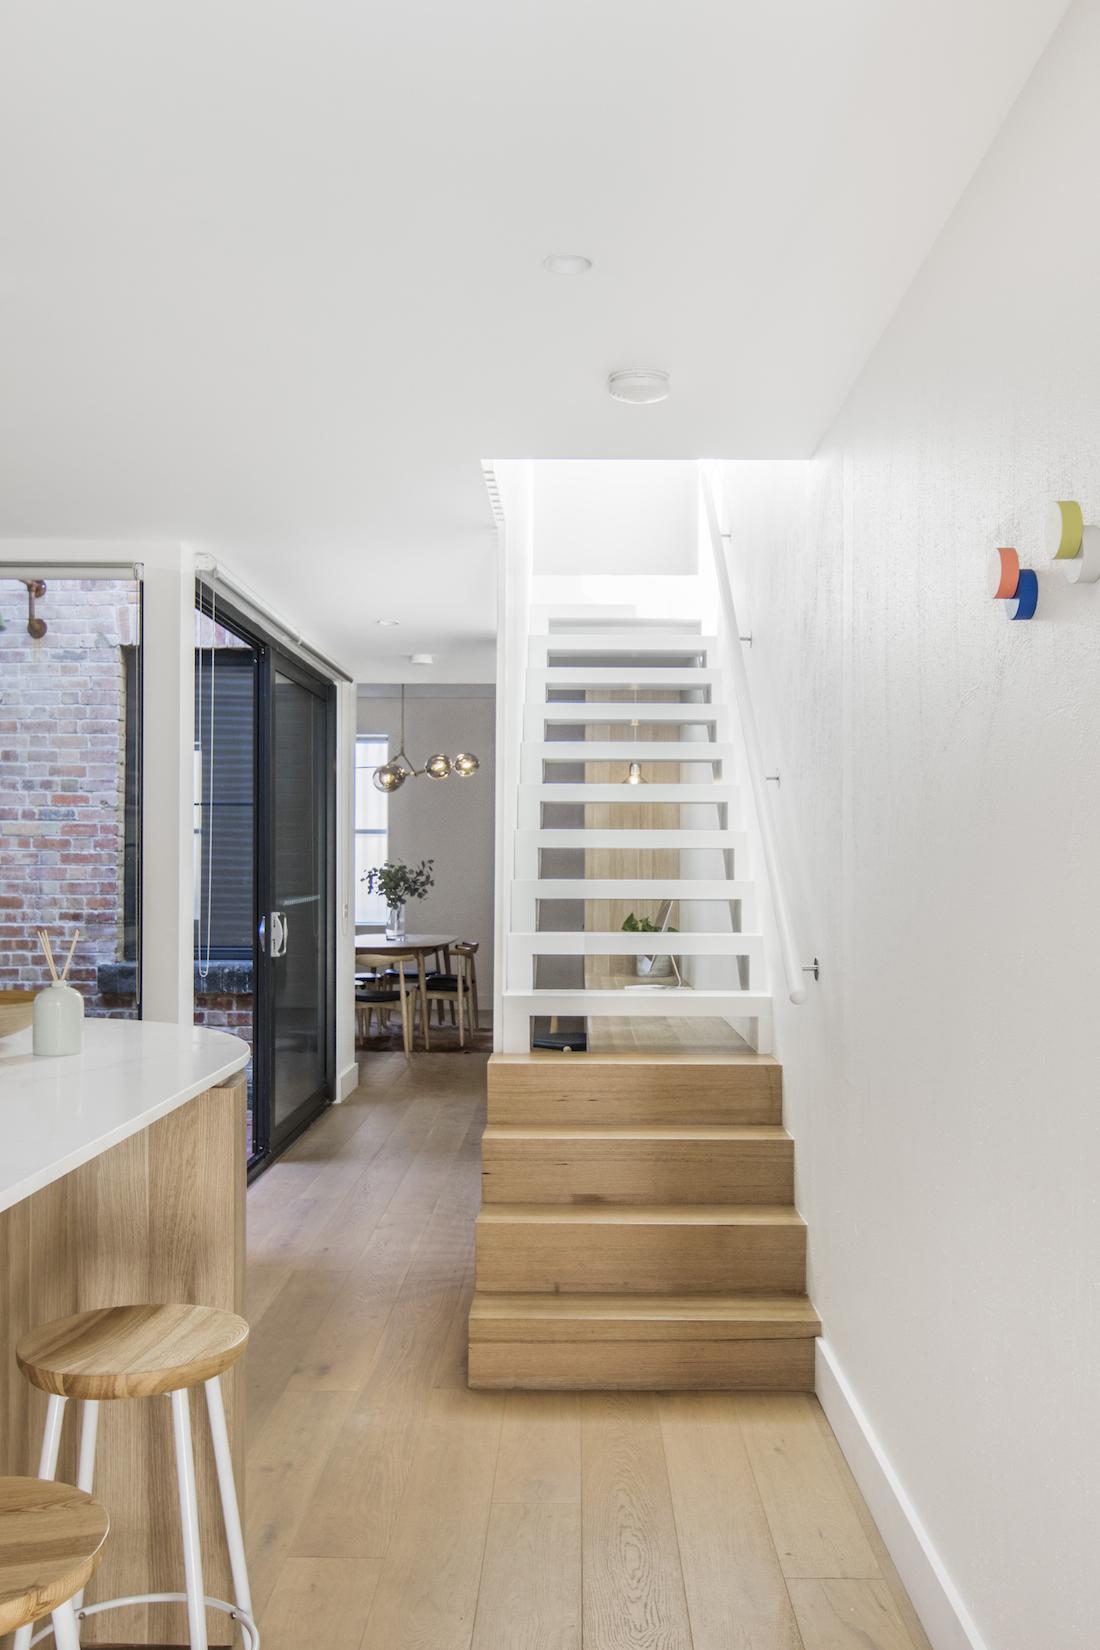 Open trade staircase